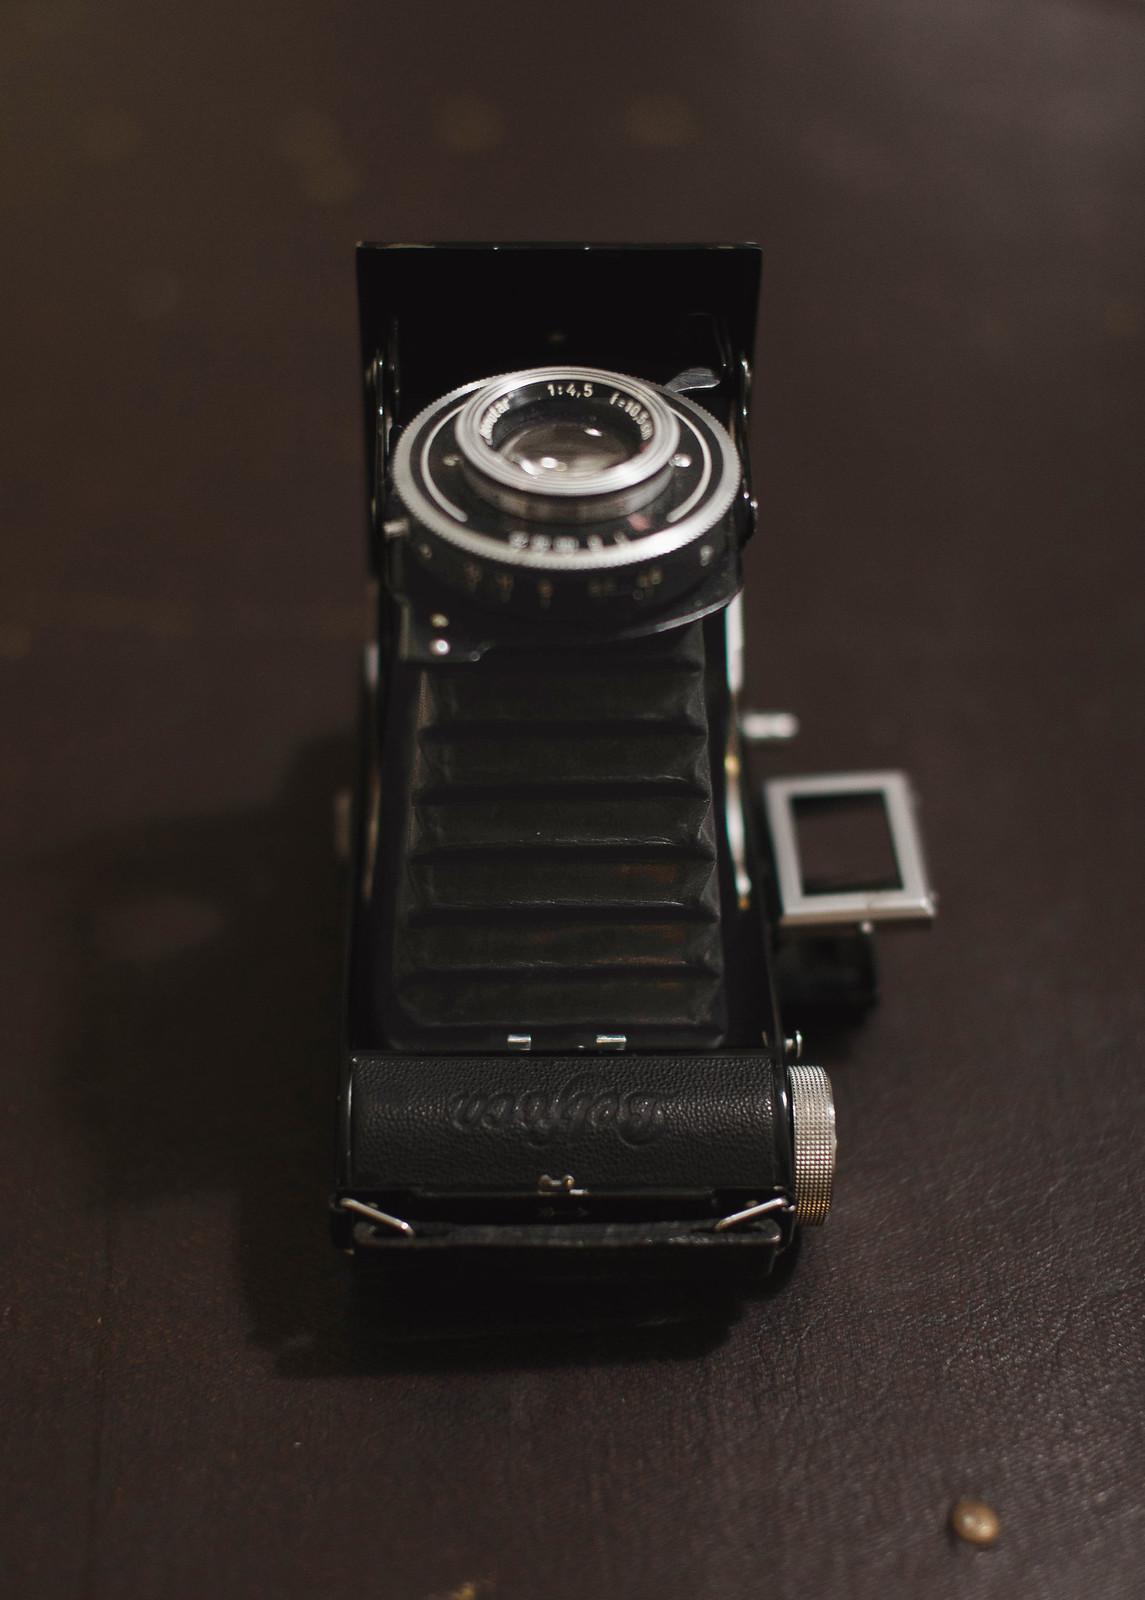 Kamera-5s